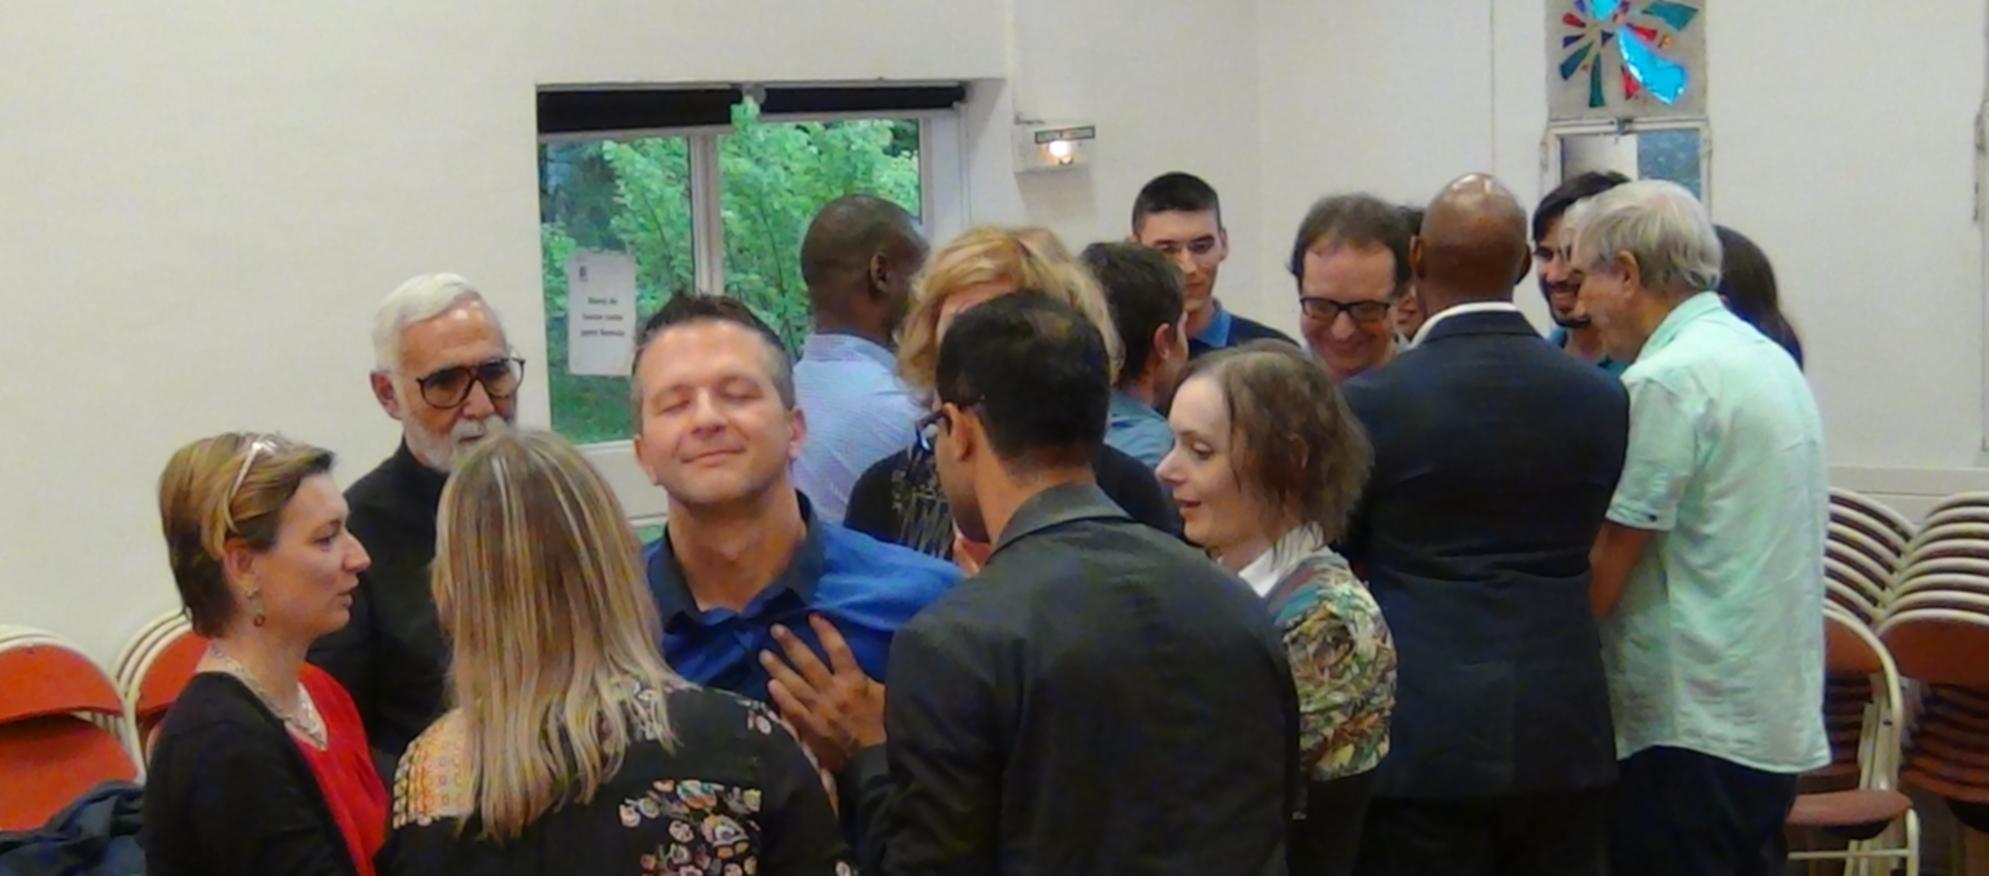 Formation prise de parole en public et team building à Lyon